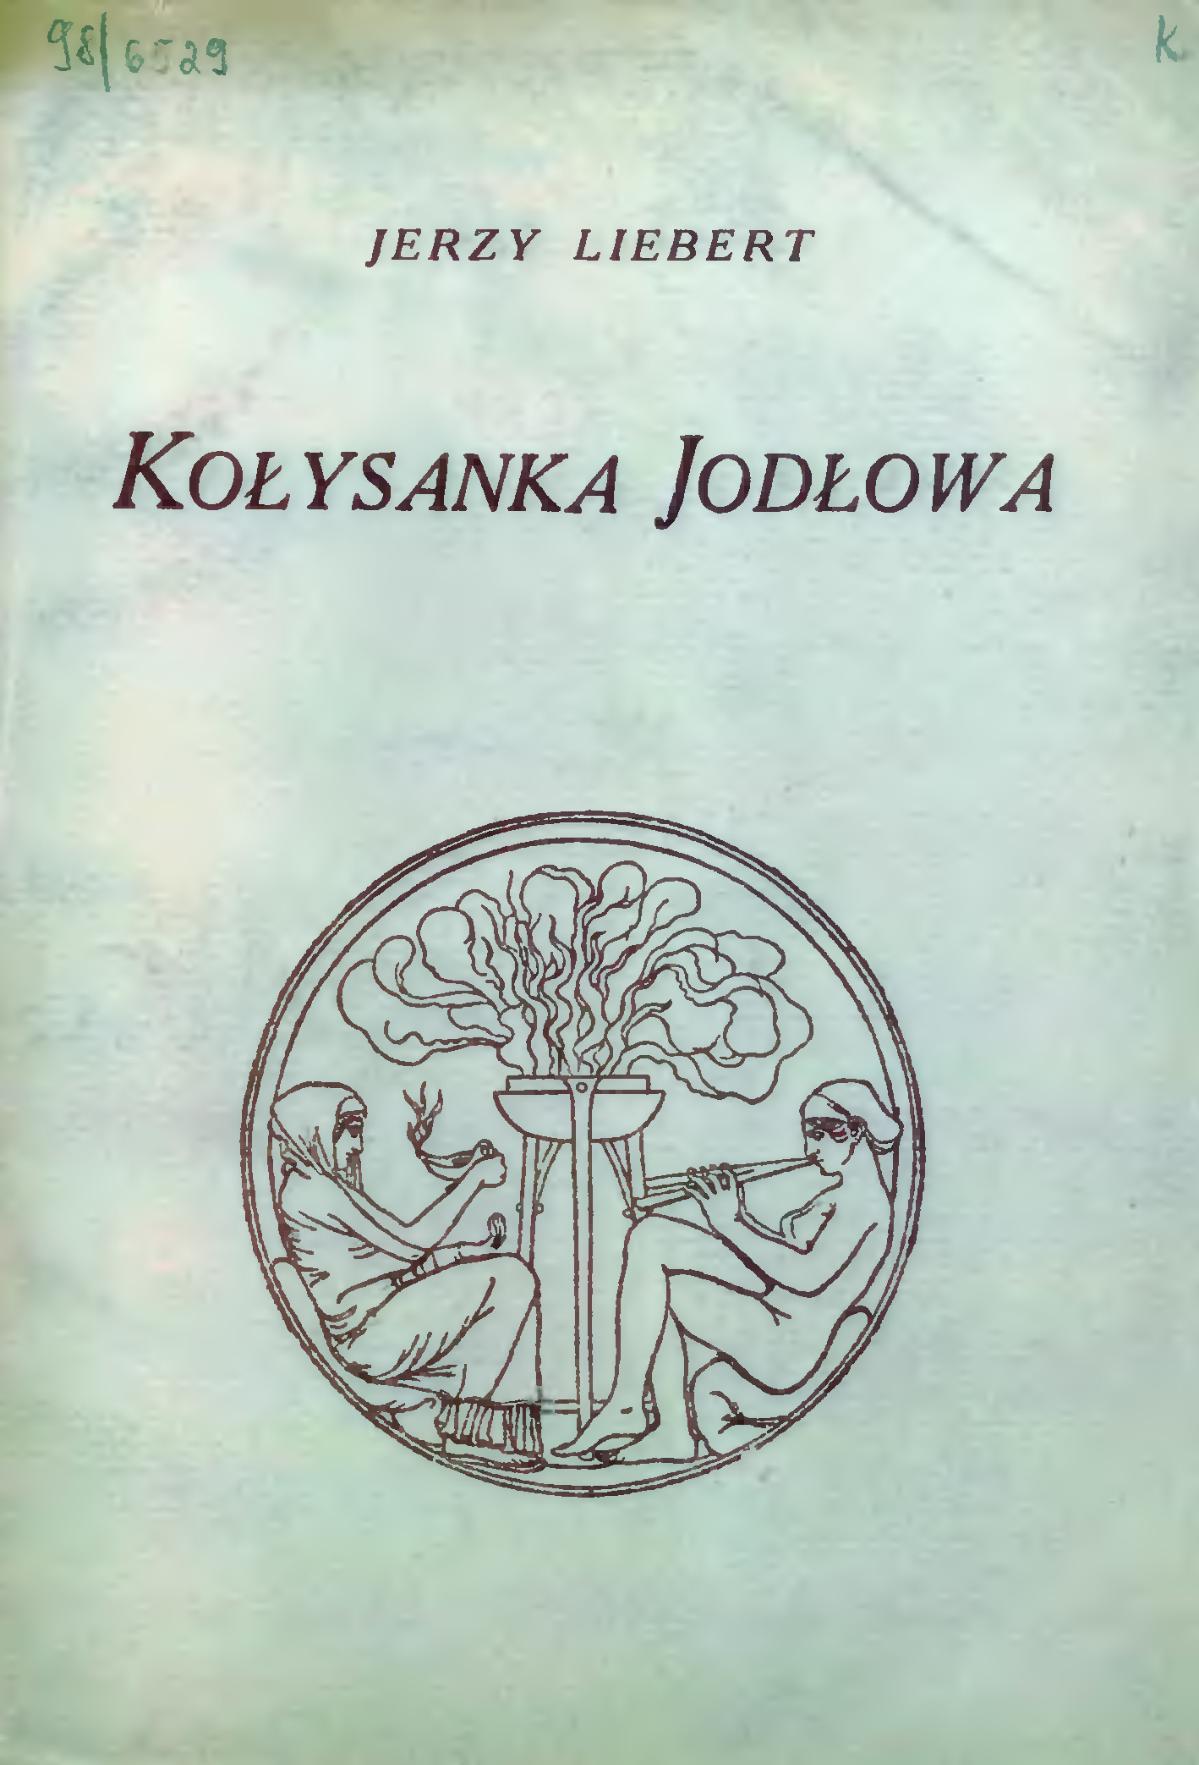 Kołysanka Jodłowa Tomik Jerzego Lieberta Wikipedia